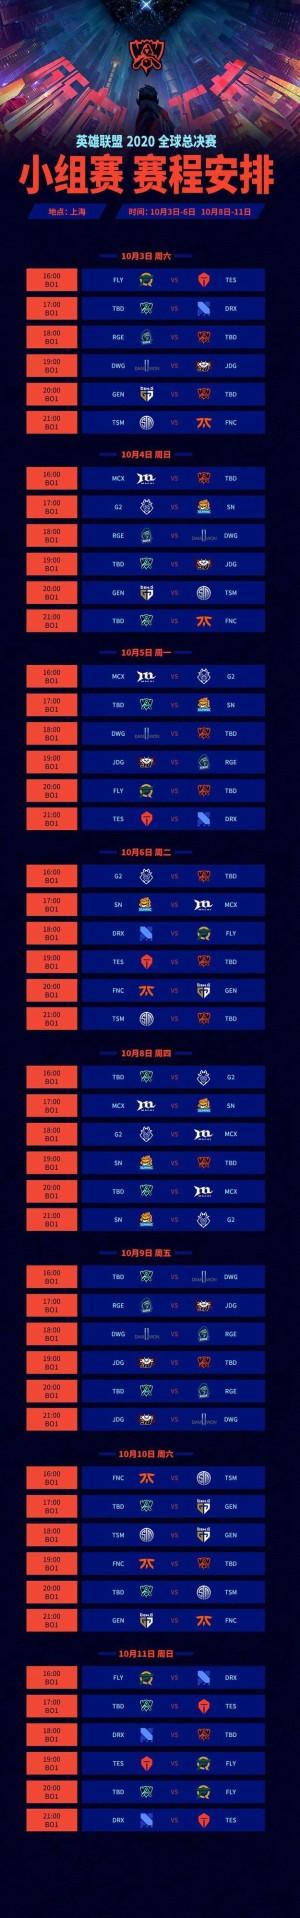 2020英雄联盟S10全球总决赛开赛时间介绍,赛程安排时间列表图抢先看图片5